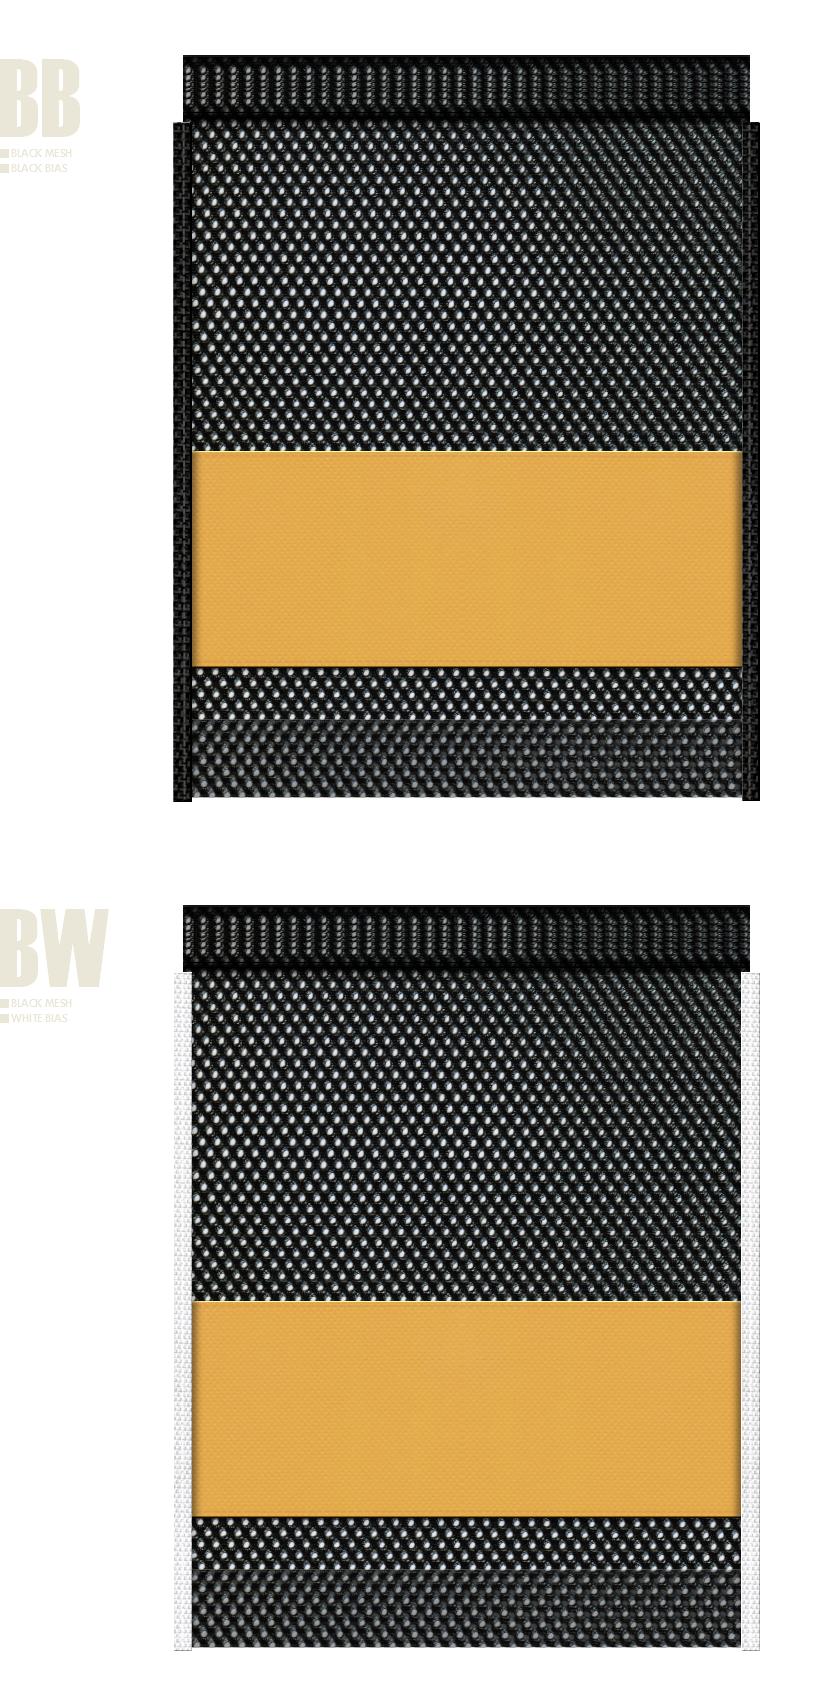 黒色メッシュと黄土色不織布のメッシュバッグカラーシミュレーション:キャンプ用品・アウトドア用品・スポーツ用品・シューズバッグにお奨め